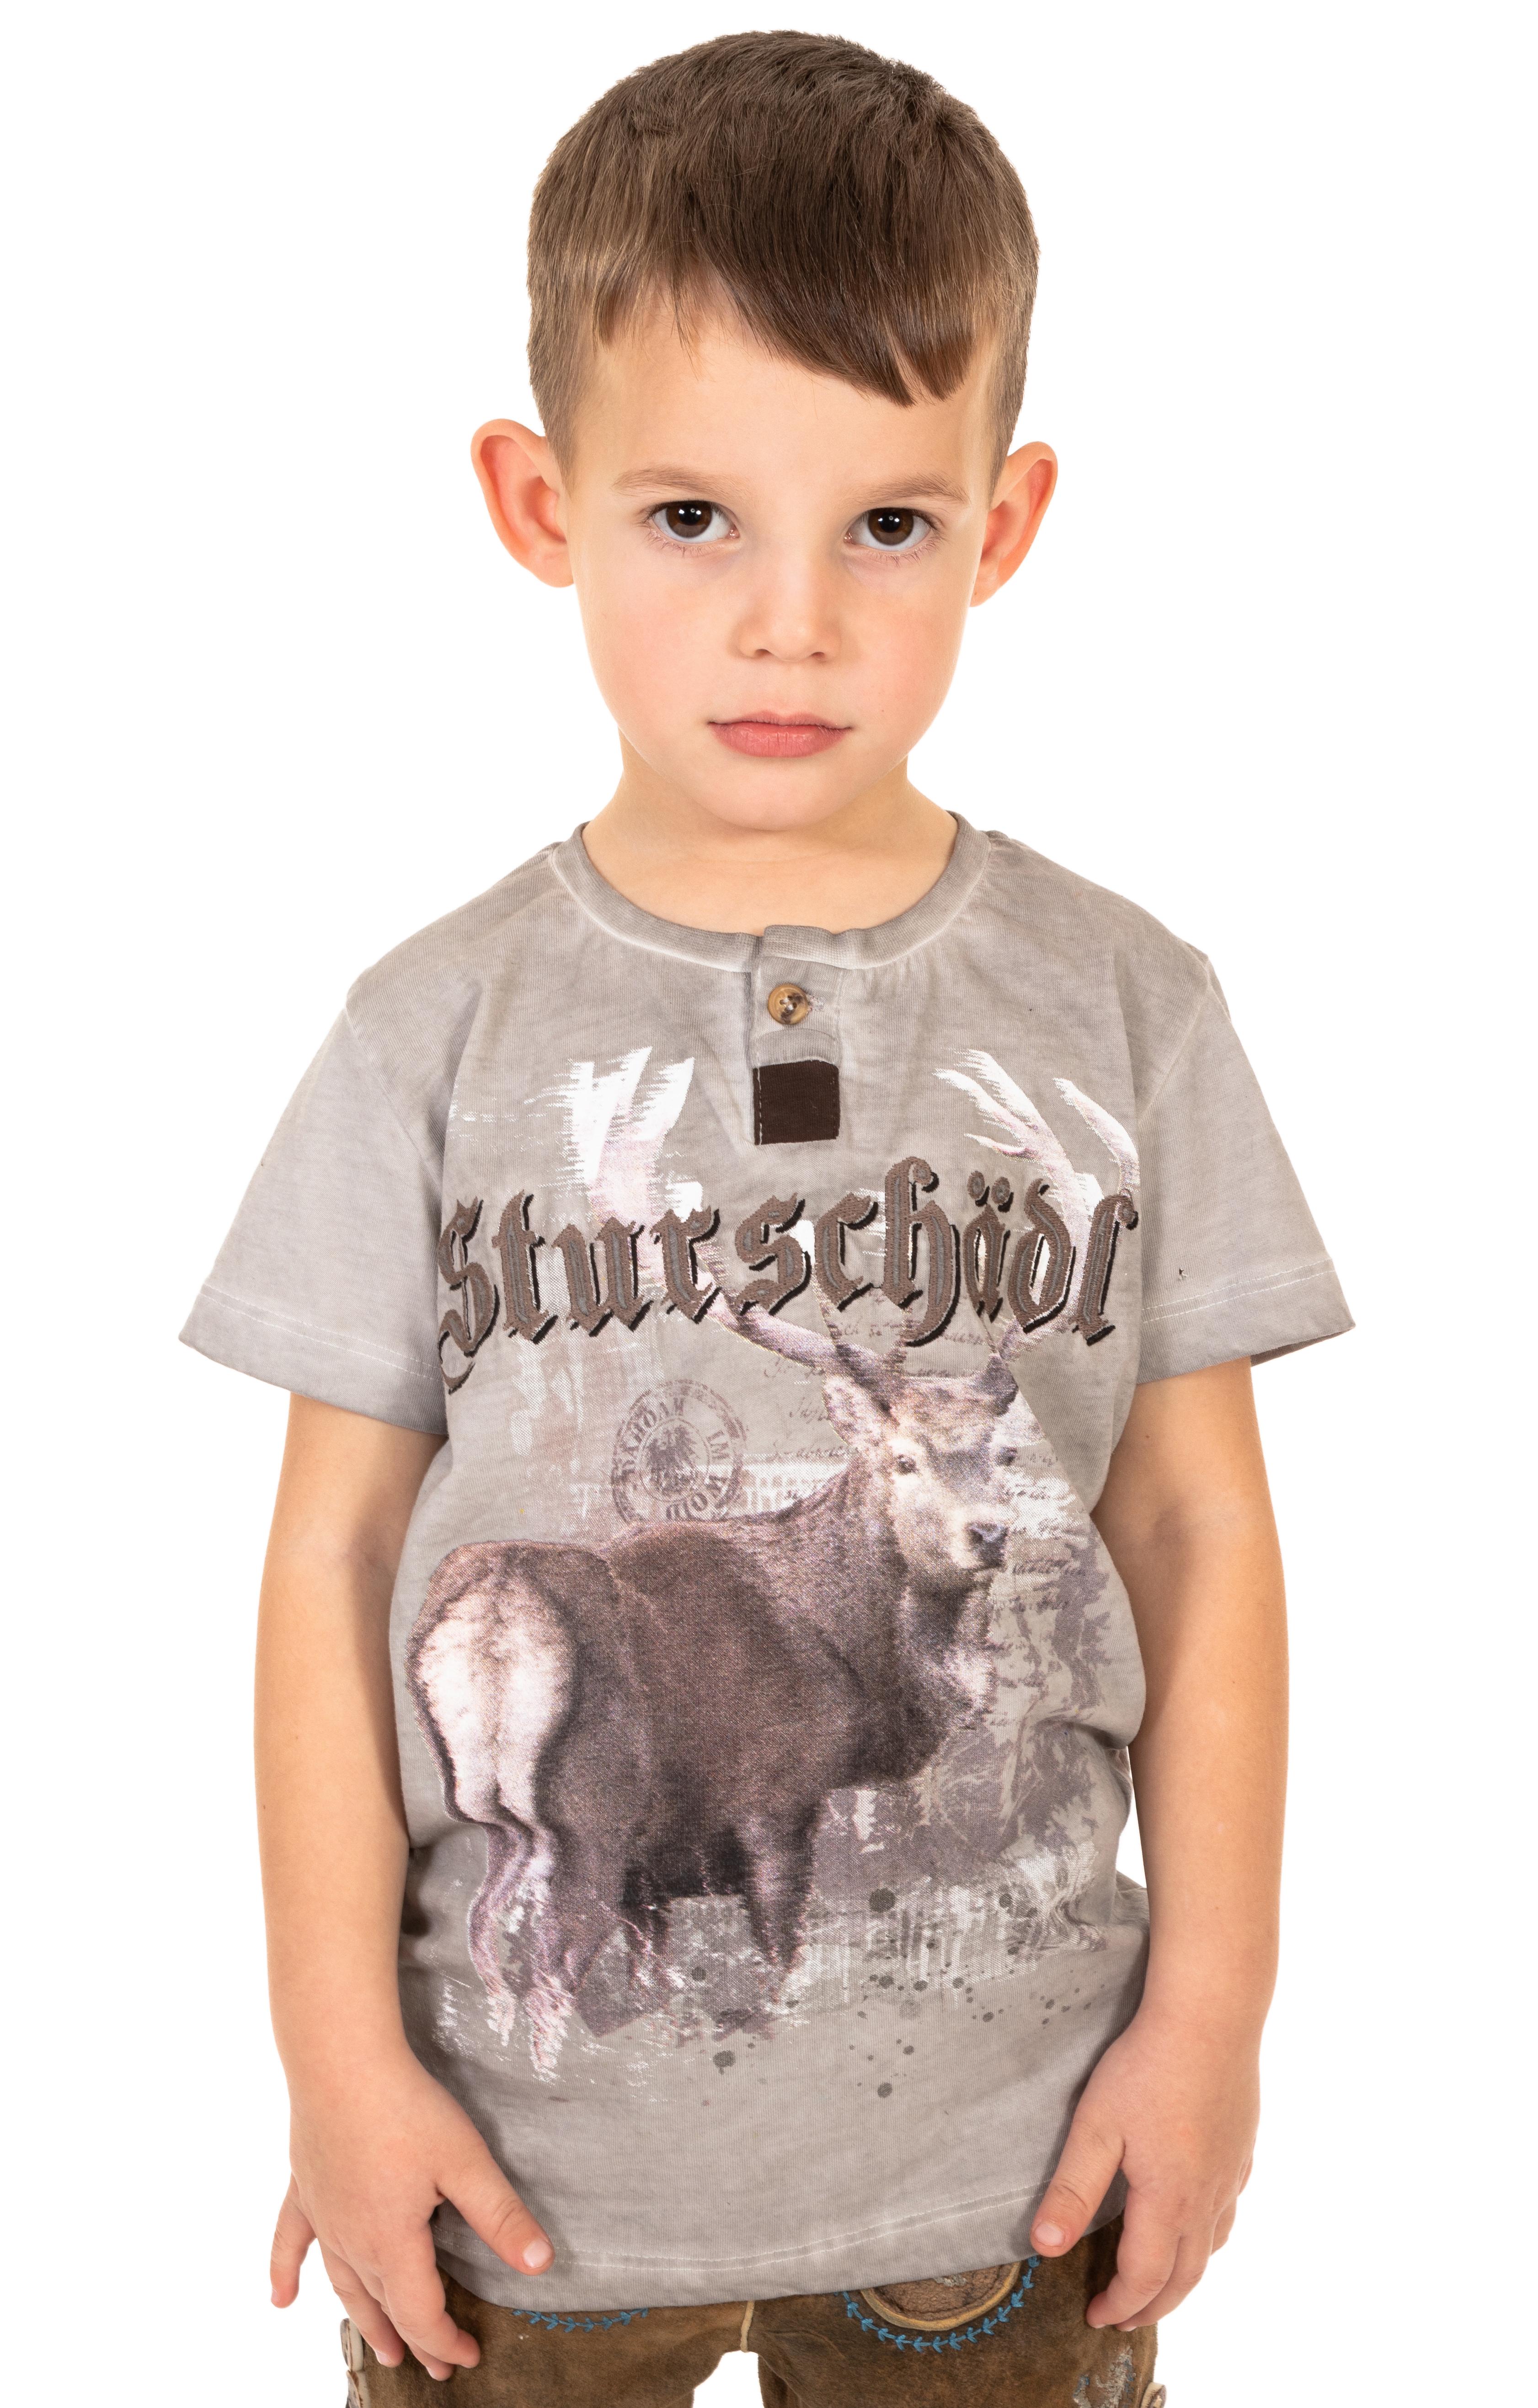 Trachten Kinder T-Shirt M28 STURSCHAEDEL KIDS grau von Marjo